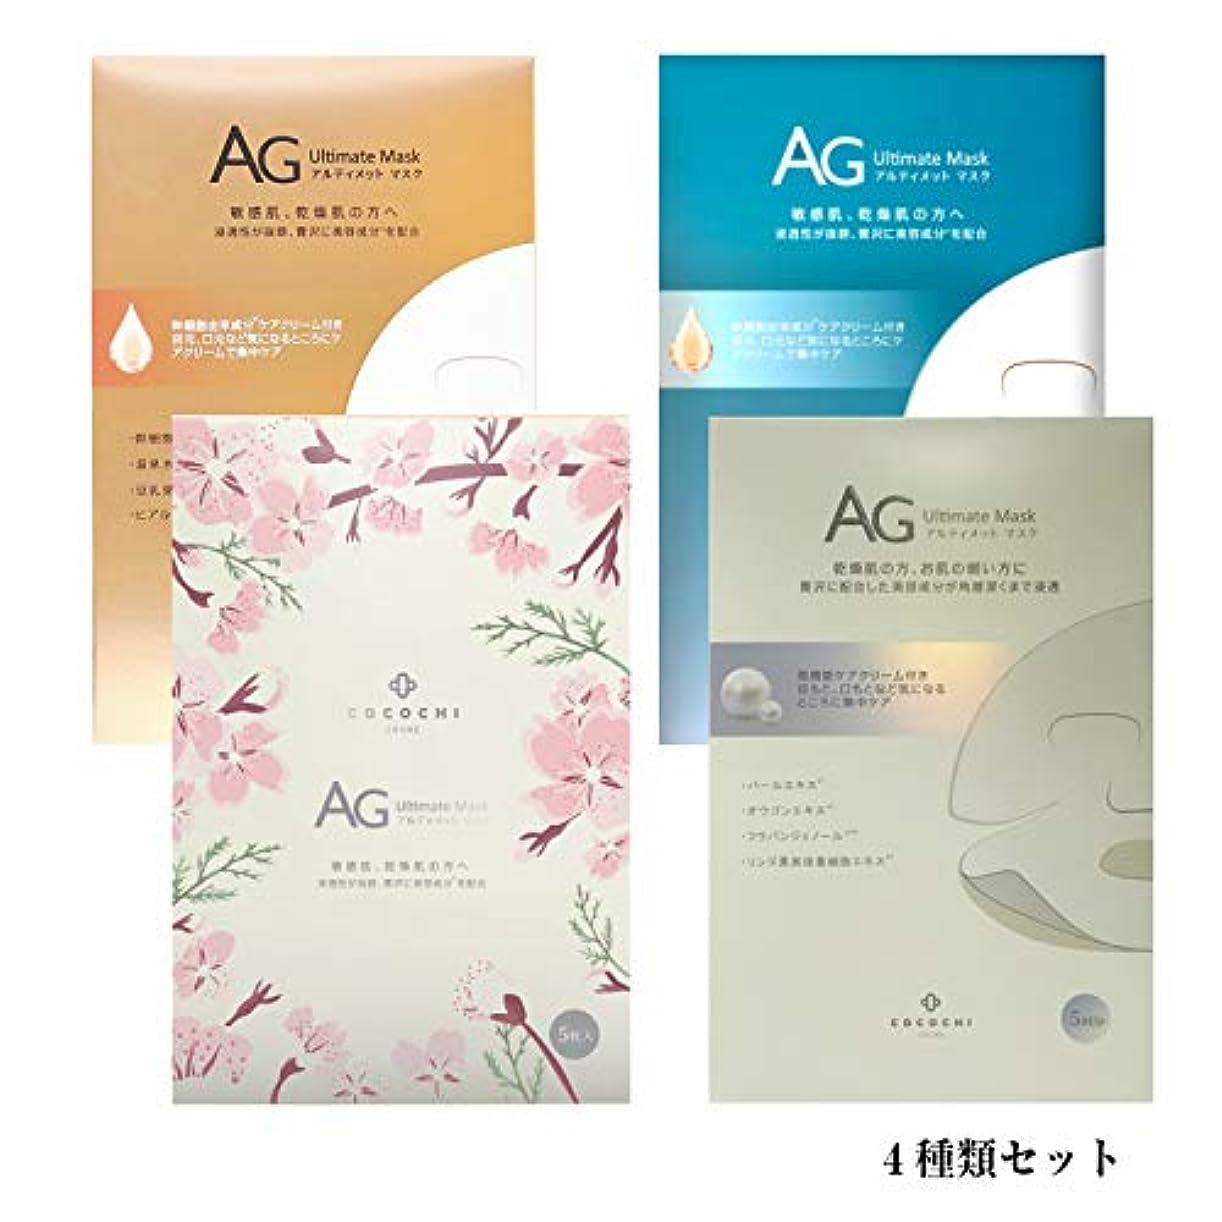 兵器庫病なディレクトリAGアルティメットマスク 4種類セット AG アルティメットマスク/オーシャンマスク/さくら/アコヤ真珠マスク